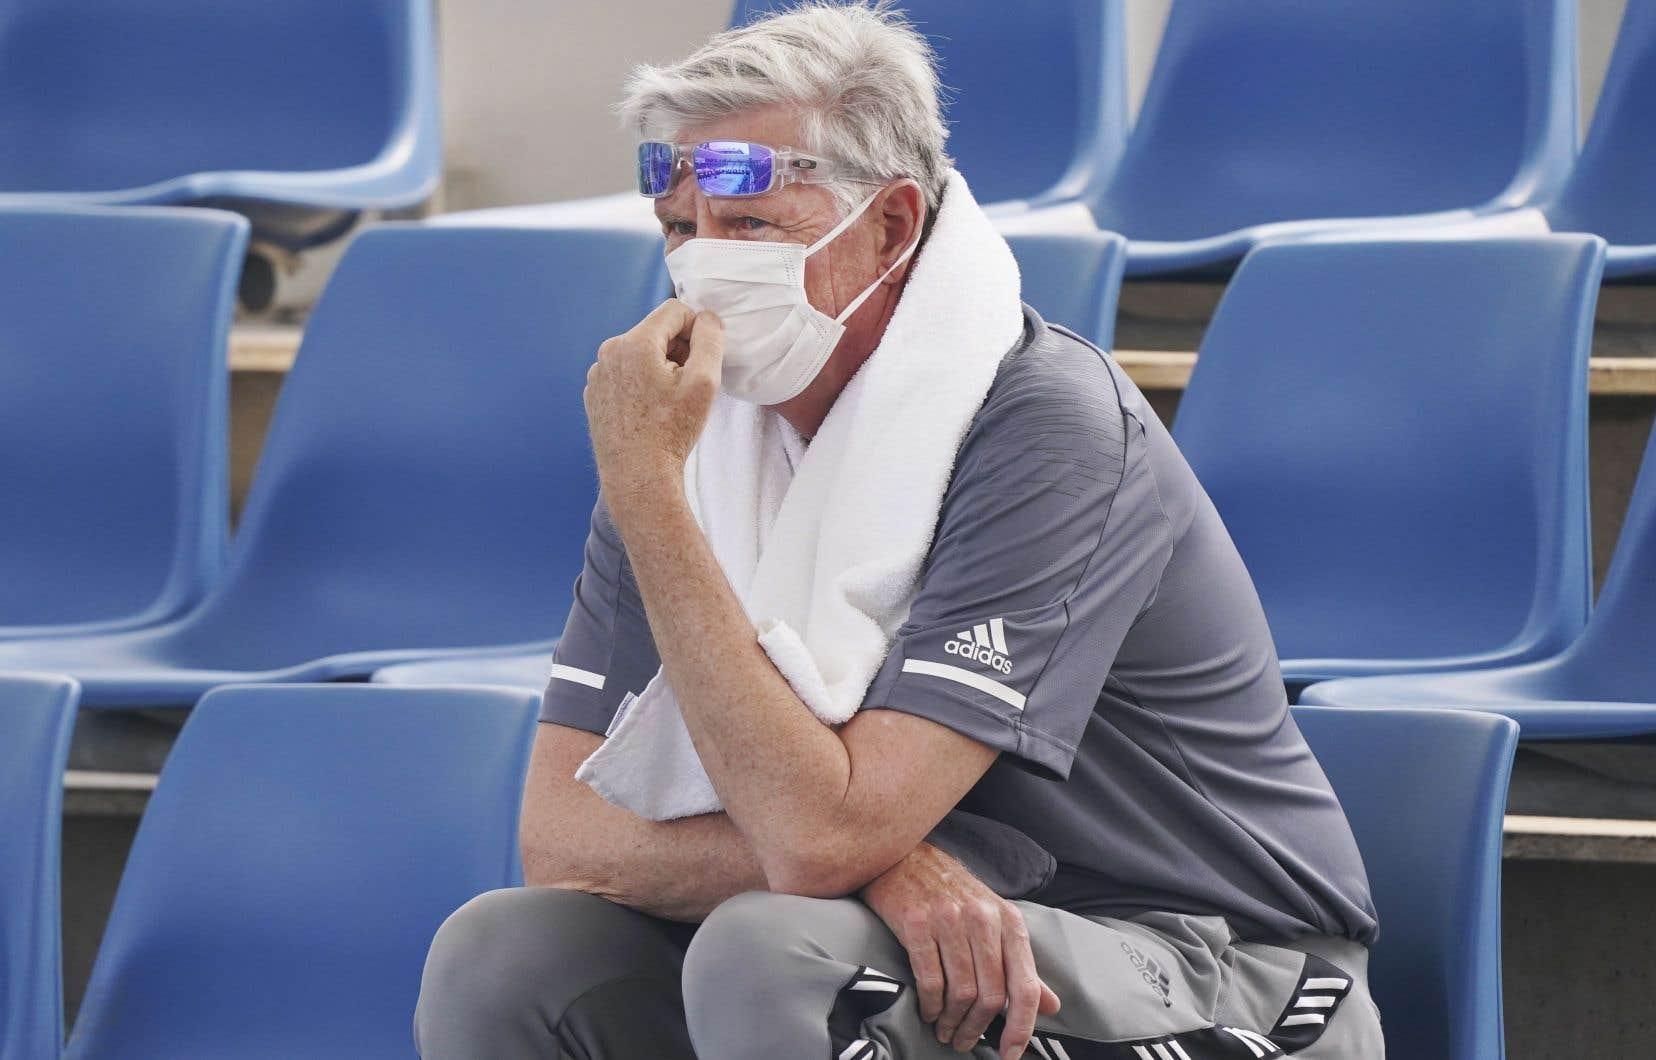 Un spectateur porte un masque pour se protéger de la fumée, lors d'une séance d'entraînement aux Internationaux d'Australie le 14 janvier.